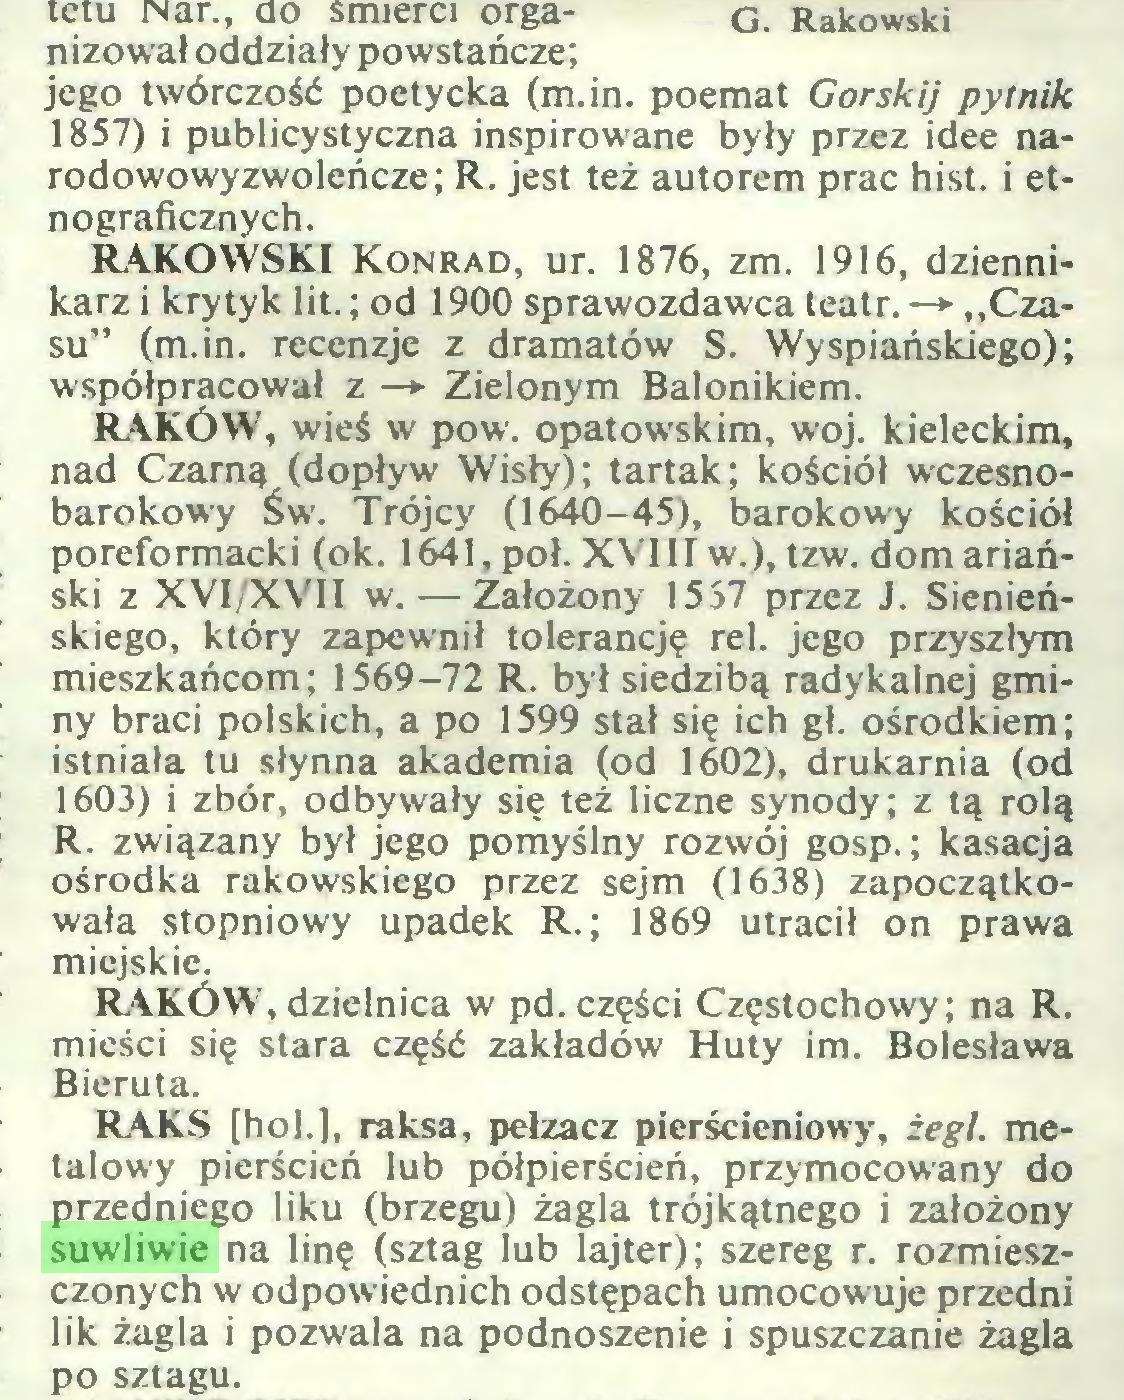 (...) mieści się stara część zakładów Huty im. Bolesława Bieruta. G. Rakowski RAKS [hol.], raksa, pełzacz pierścieniowy, żegl. metalowy pierścień lub półpierścień, przymocowany do przedniego liku (brzegu) żagla trójkątnego i założony suwliwie na linę (sztag lub lajter); szereg r. rozmieszczonych w odpowiednich odstępach umocowuje przedni lik żagla i pozwala na podnoszenie i spuszczanie żagla po sztagu...